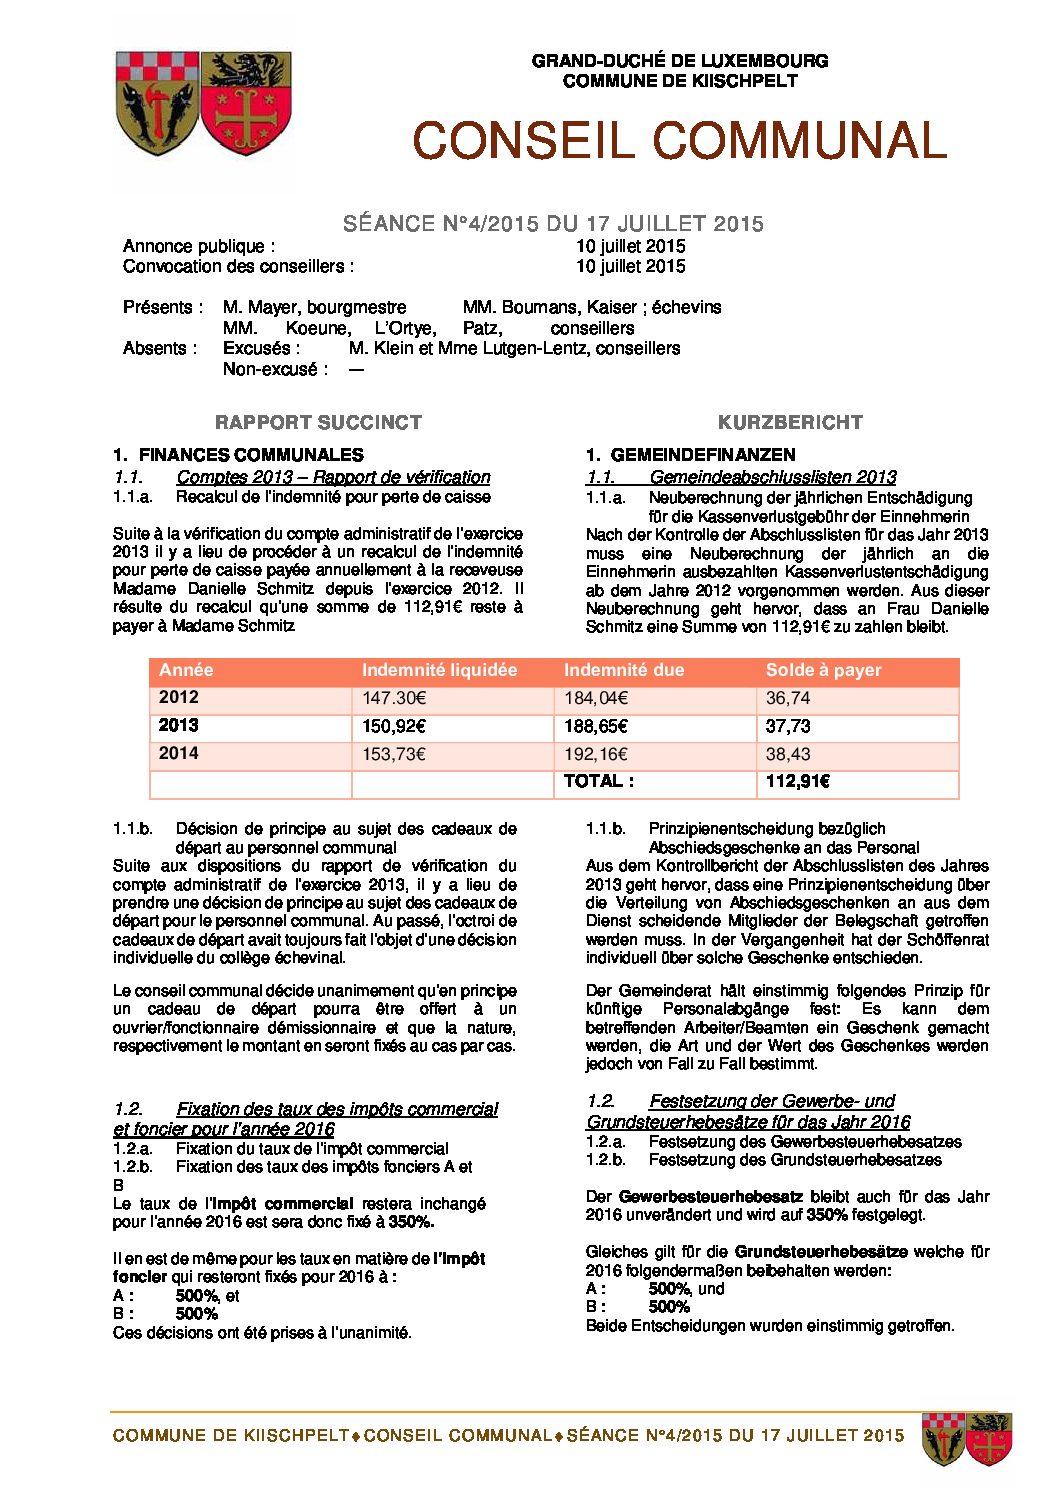 Gemeinderats Bericht vom 17.07.2015